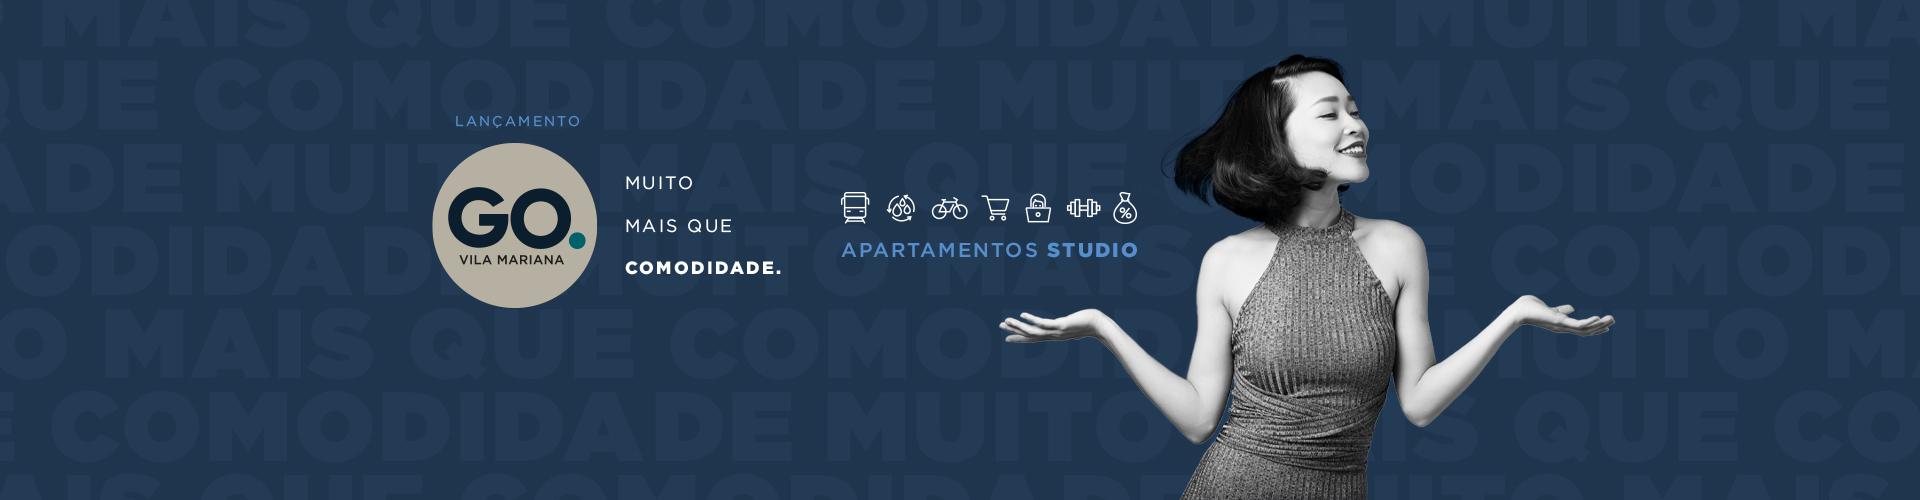 GO. Vila Mariana - Apartamentos STUDIO